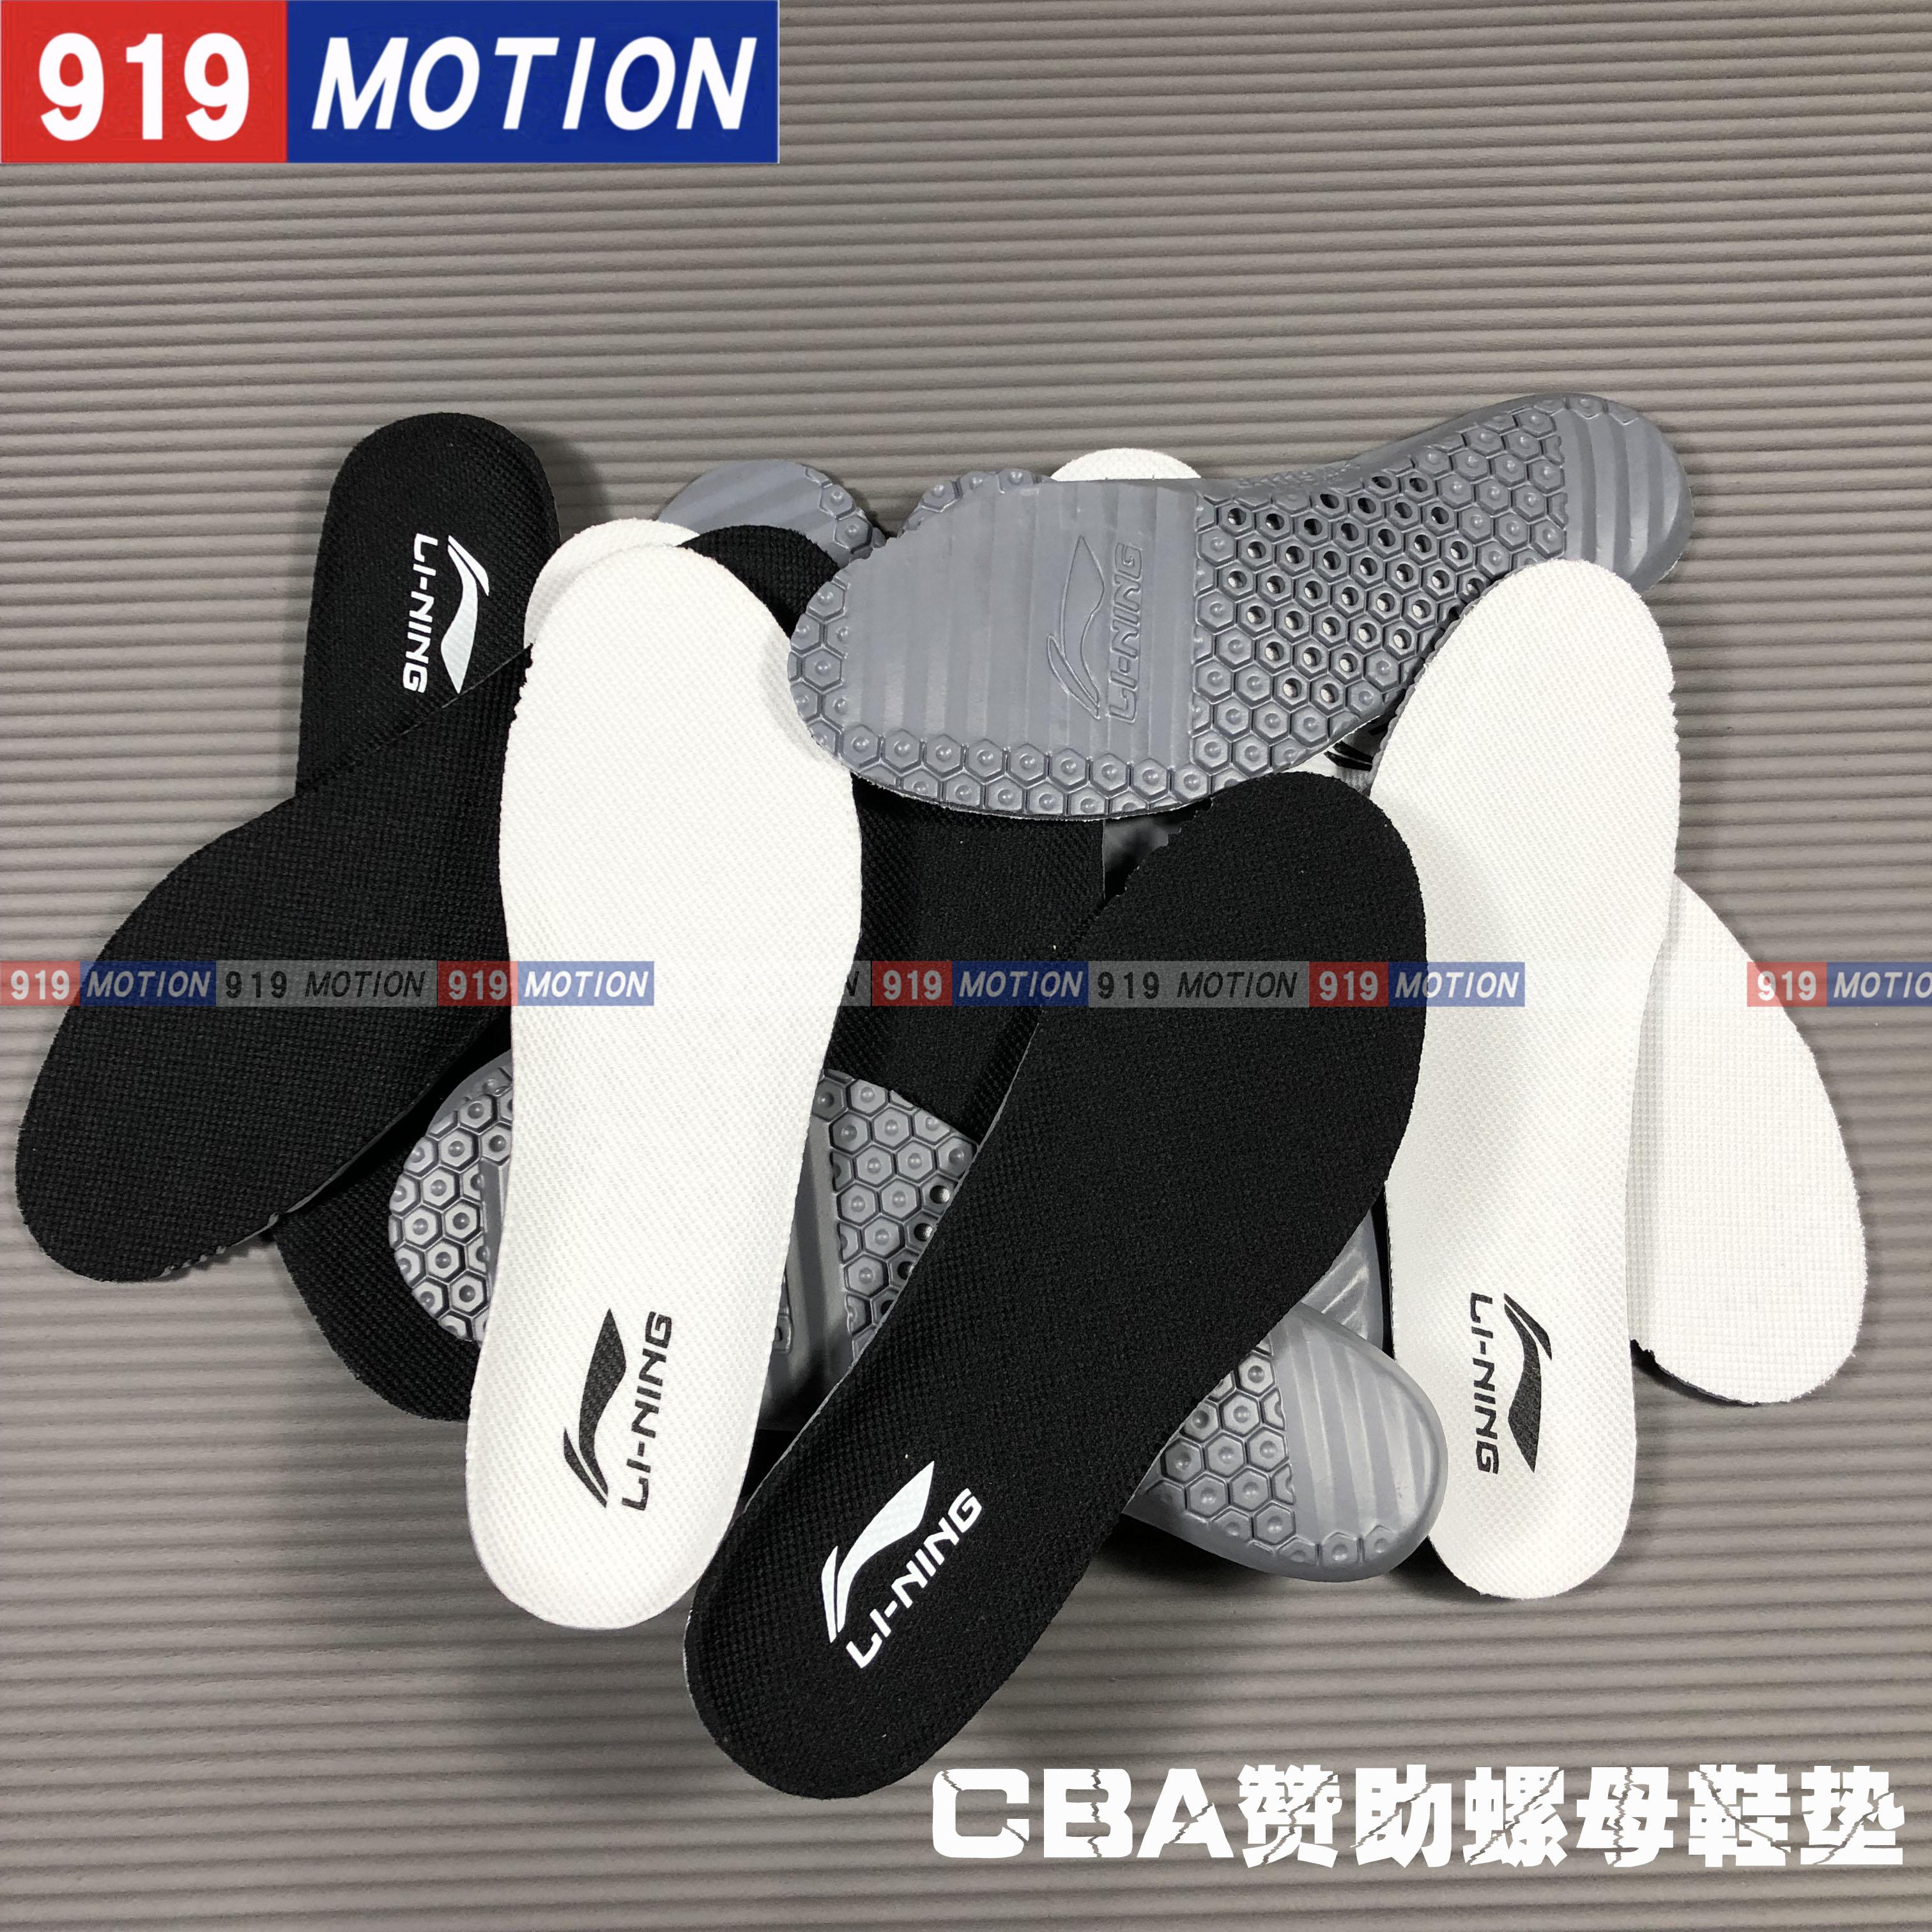 Спонсор: Li Ning стиль Игрок ЦБ версия гайка стелька Интенсивное поглощение Han Ma Technology воздухопроницаемый баскетбол стелька спортивный стелька